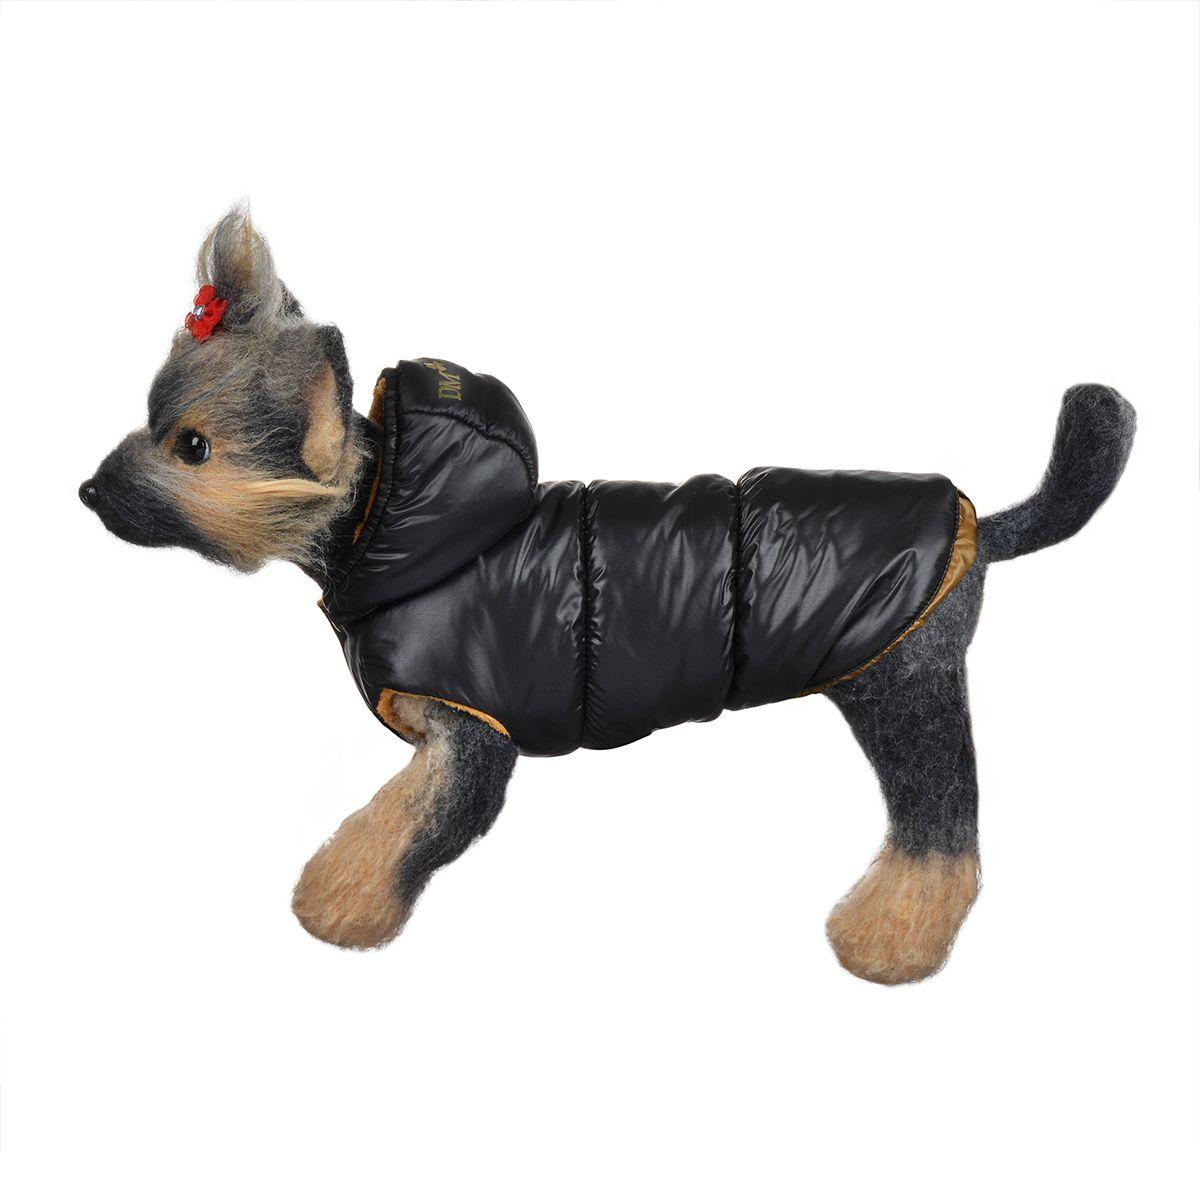 Куртка для собак Dogmoda, зимняя, унисекс, цвет: черный, медный. Размер 2 (M)DM-150348-2Теплая и удобная куртка для собак Dogmoda отлично подойдет для прогулок в зимнее время года. Куртка изготовлена из водонепроницаемого полиэстера, защищающего от ветра и снега, с утеплителем изсинтепона, который сохраниттепло даже в сильные морозы, а в качестве подкладки используется мягкий искусственный мех, обеспечивающийотличный воздухообмен. Куртка с капюшоном застегивается на кнопки, благодаря чему ее легко надевать и снимать. Капюшон не отстегивается и украшен золотистой надписью DM и изображением клевера. Изделие имеет специальные прорези для передних лапок и внутренние резинки, которые мягко обхватывают тело вашего питомца, не позволяя просачиваться холодному воздуху. По низу изделие затягивается на шнурок-кулиску.Благодаря такой куртке простуда не грозит вашему питомцу, и он сможет испытать несравнимое удовольствие от снежных игр и забав.Одежда для собак: нужна ли она и как её выбрать. Статья OZON Гид